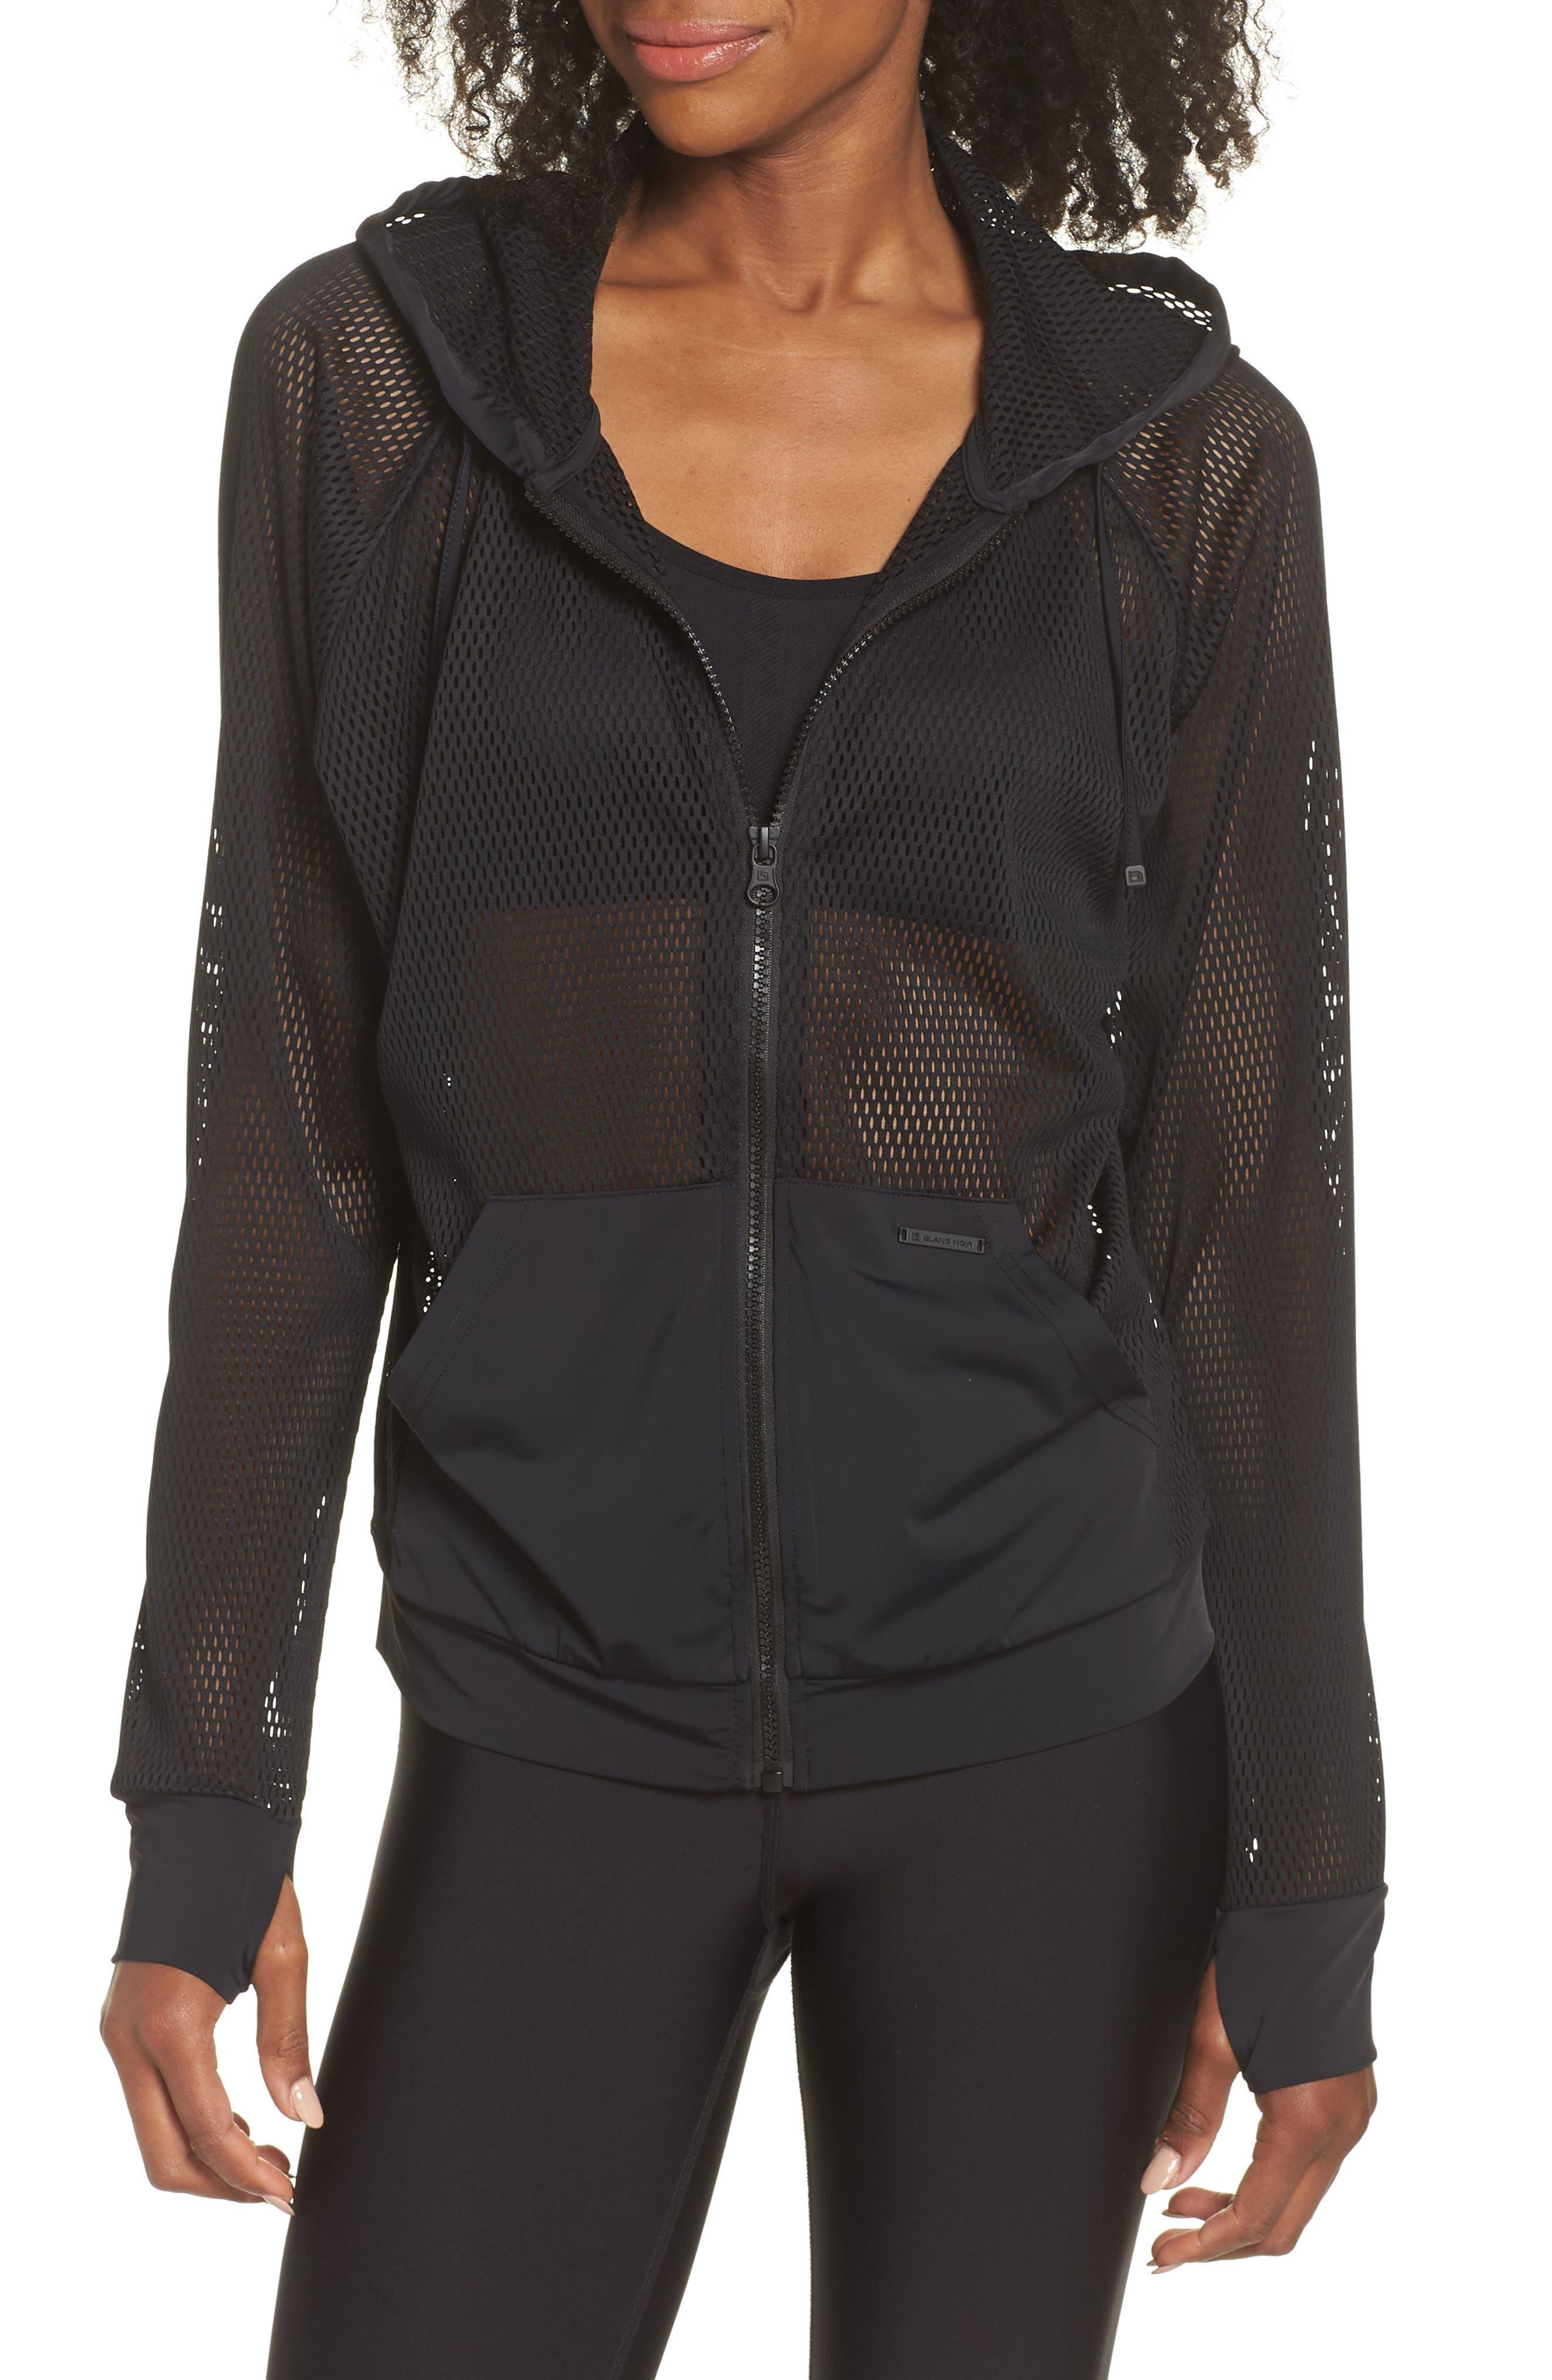 Pool Side Mesh Jacket,                         Main,                         color, Black